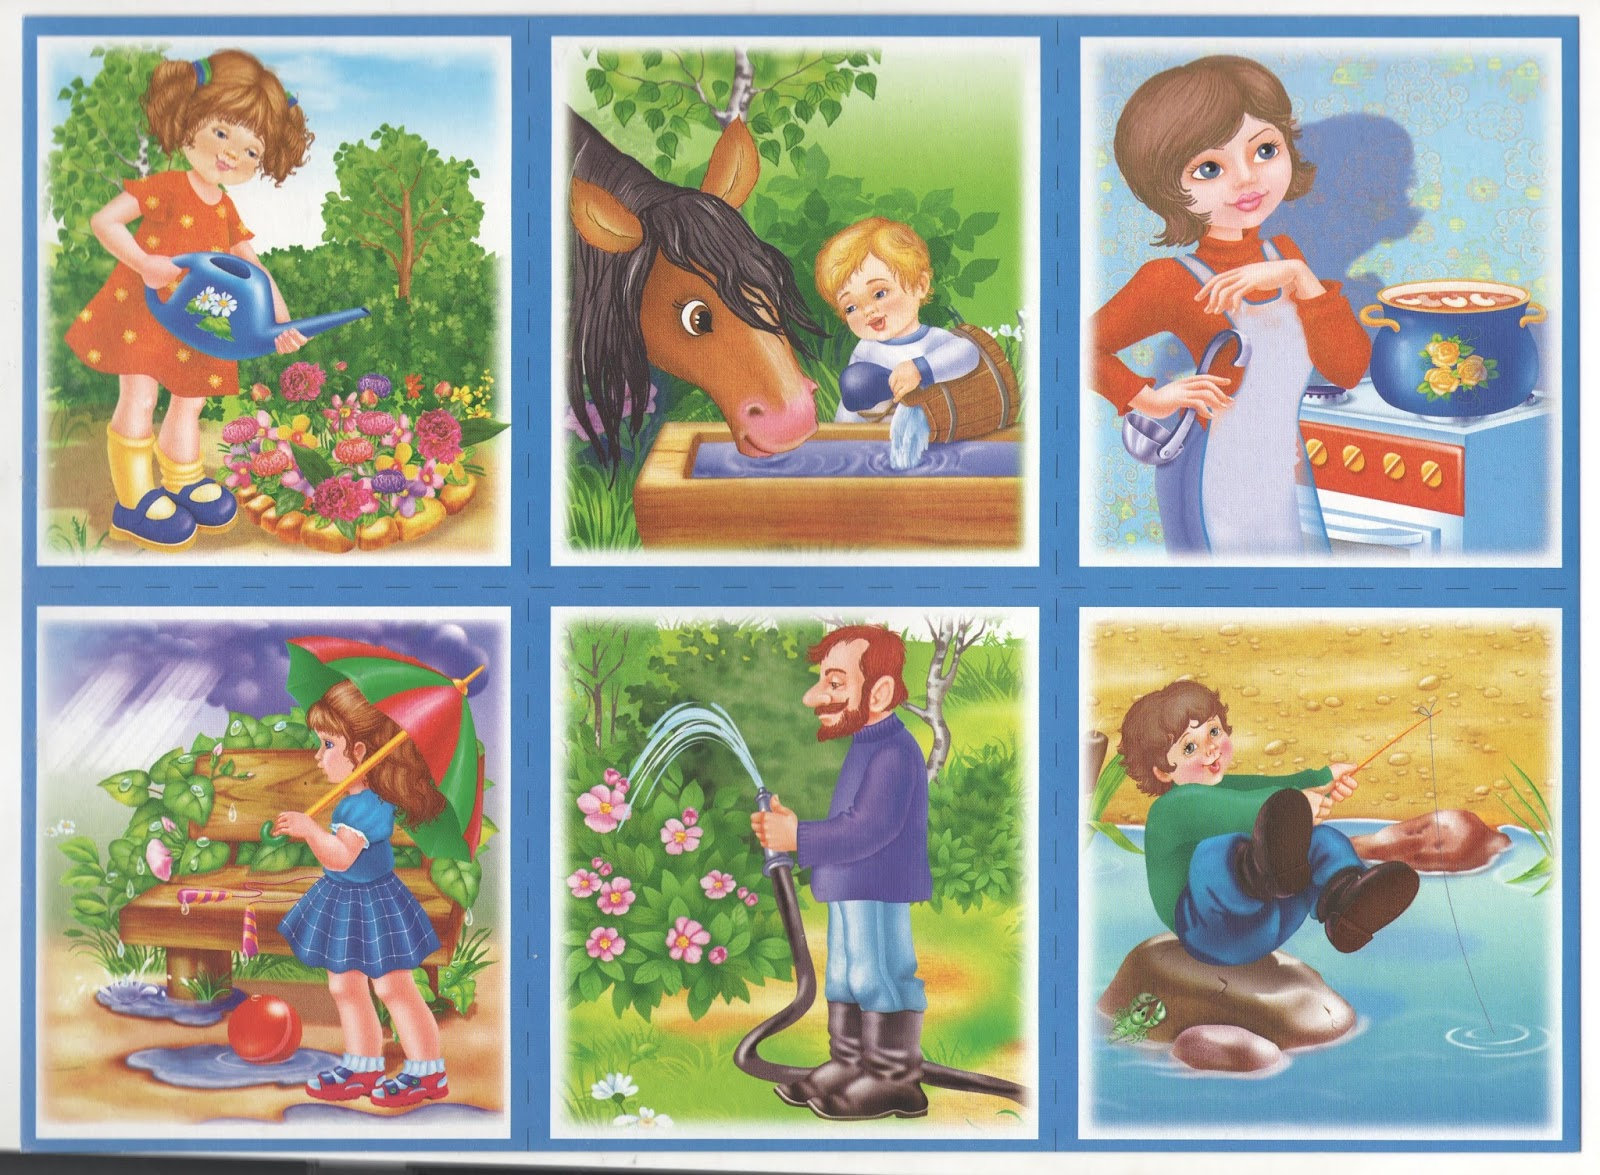 Картинки по природе для дошкольников в картинках